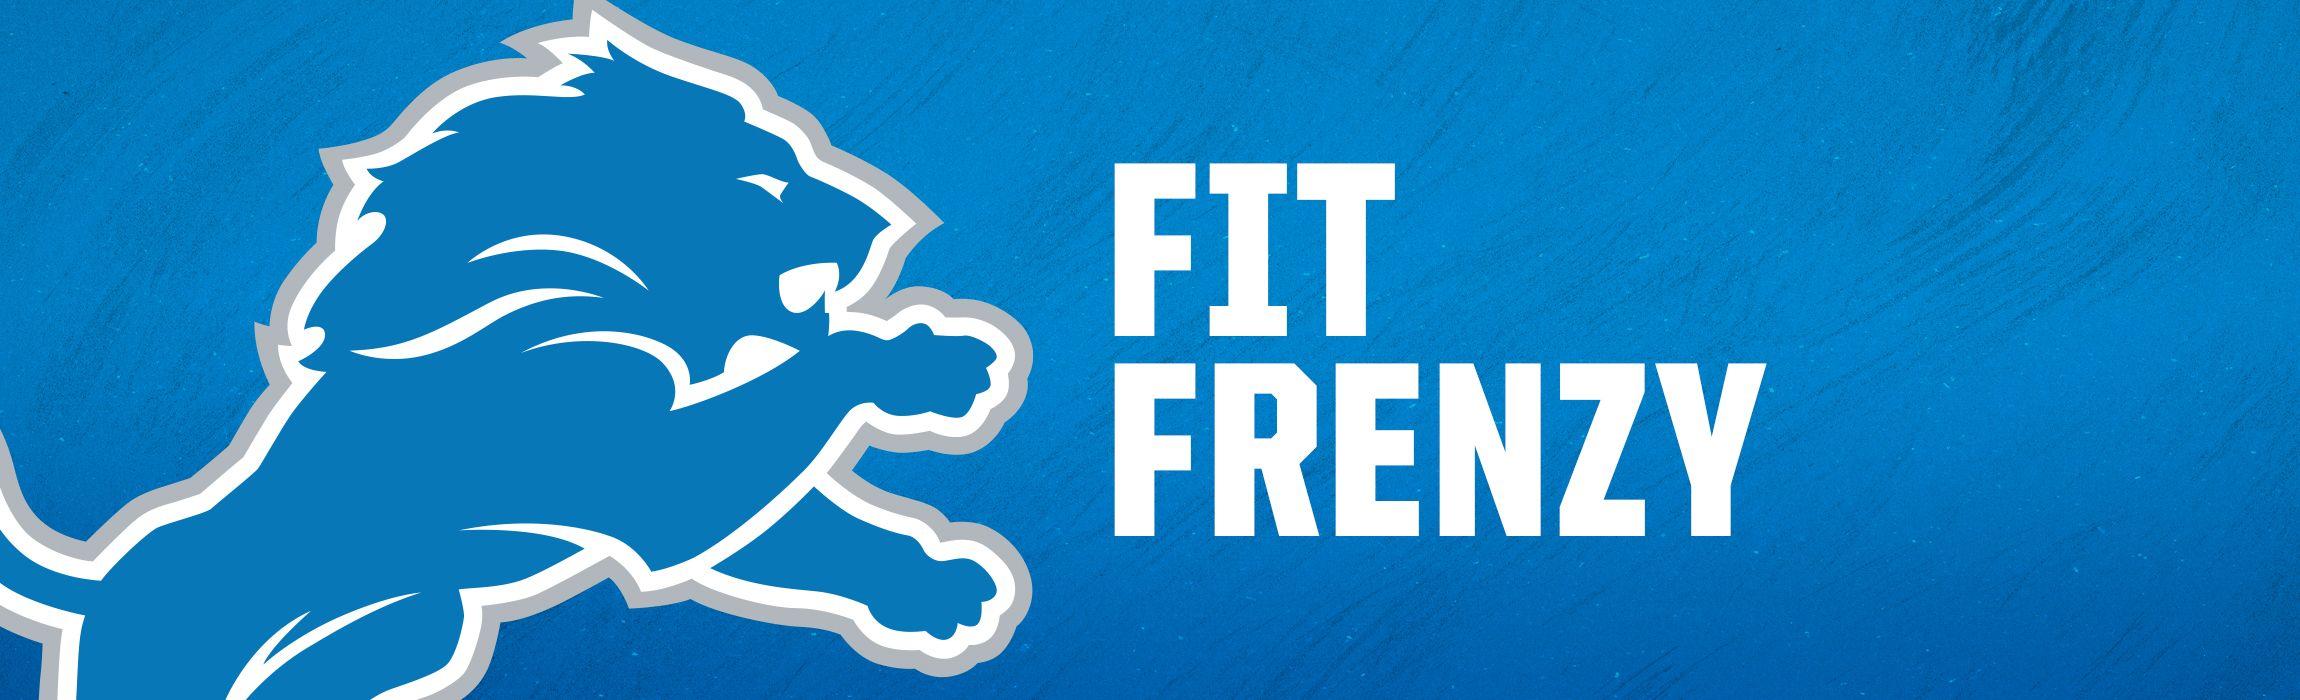 FitFrenzy